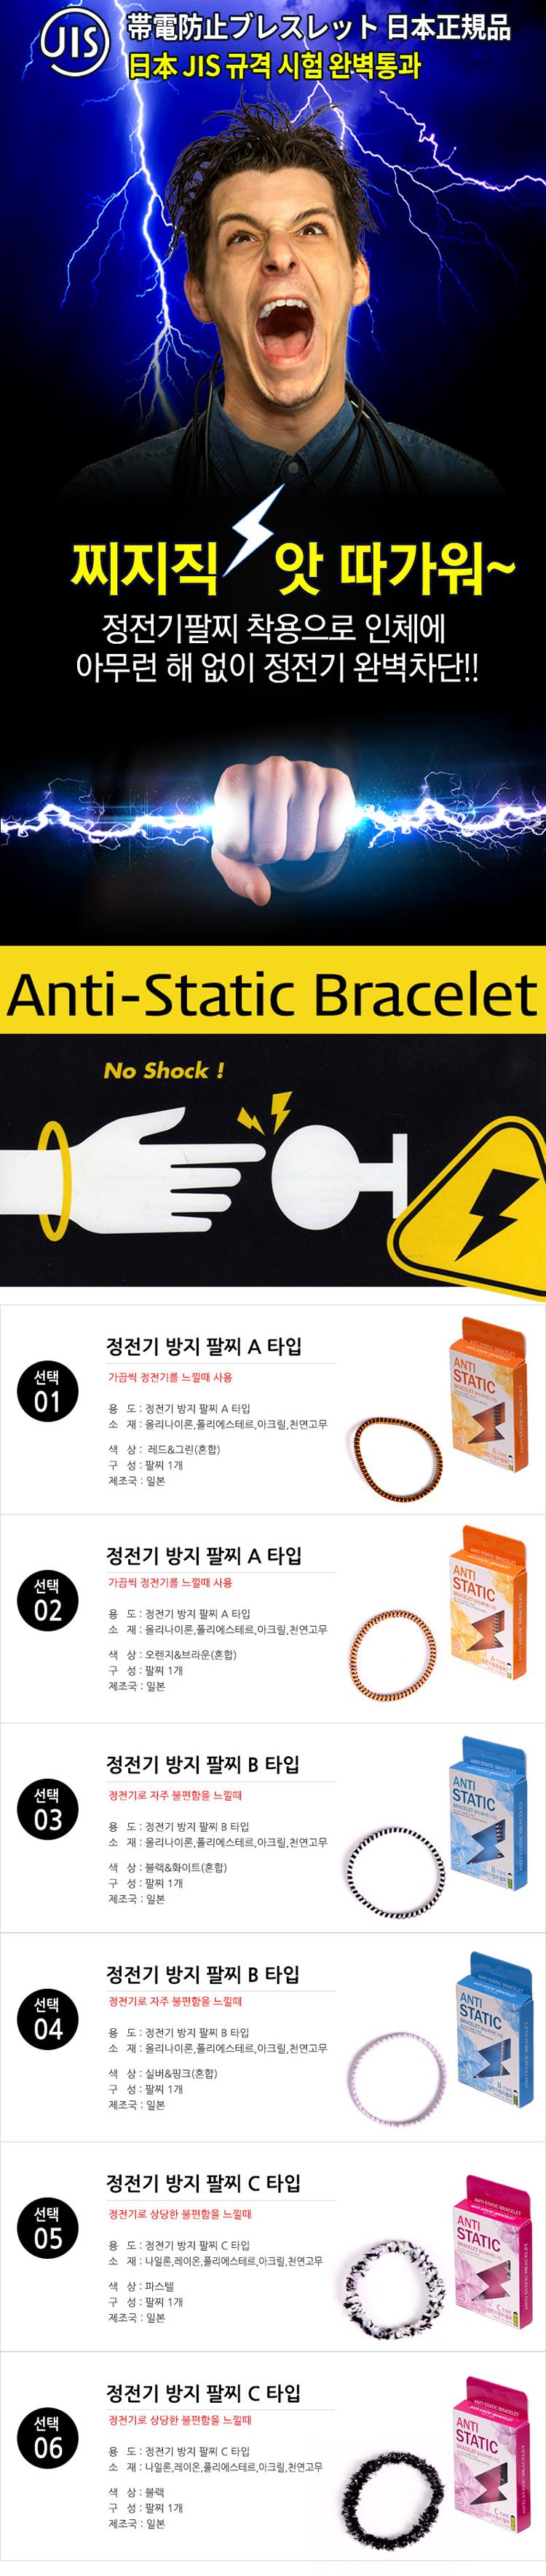 일본정품 프리미엄 정전기방지팔찌(3가지타입) - 아카비스, 5,900원, 아이디어 상품, 아이디어 상품